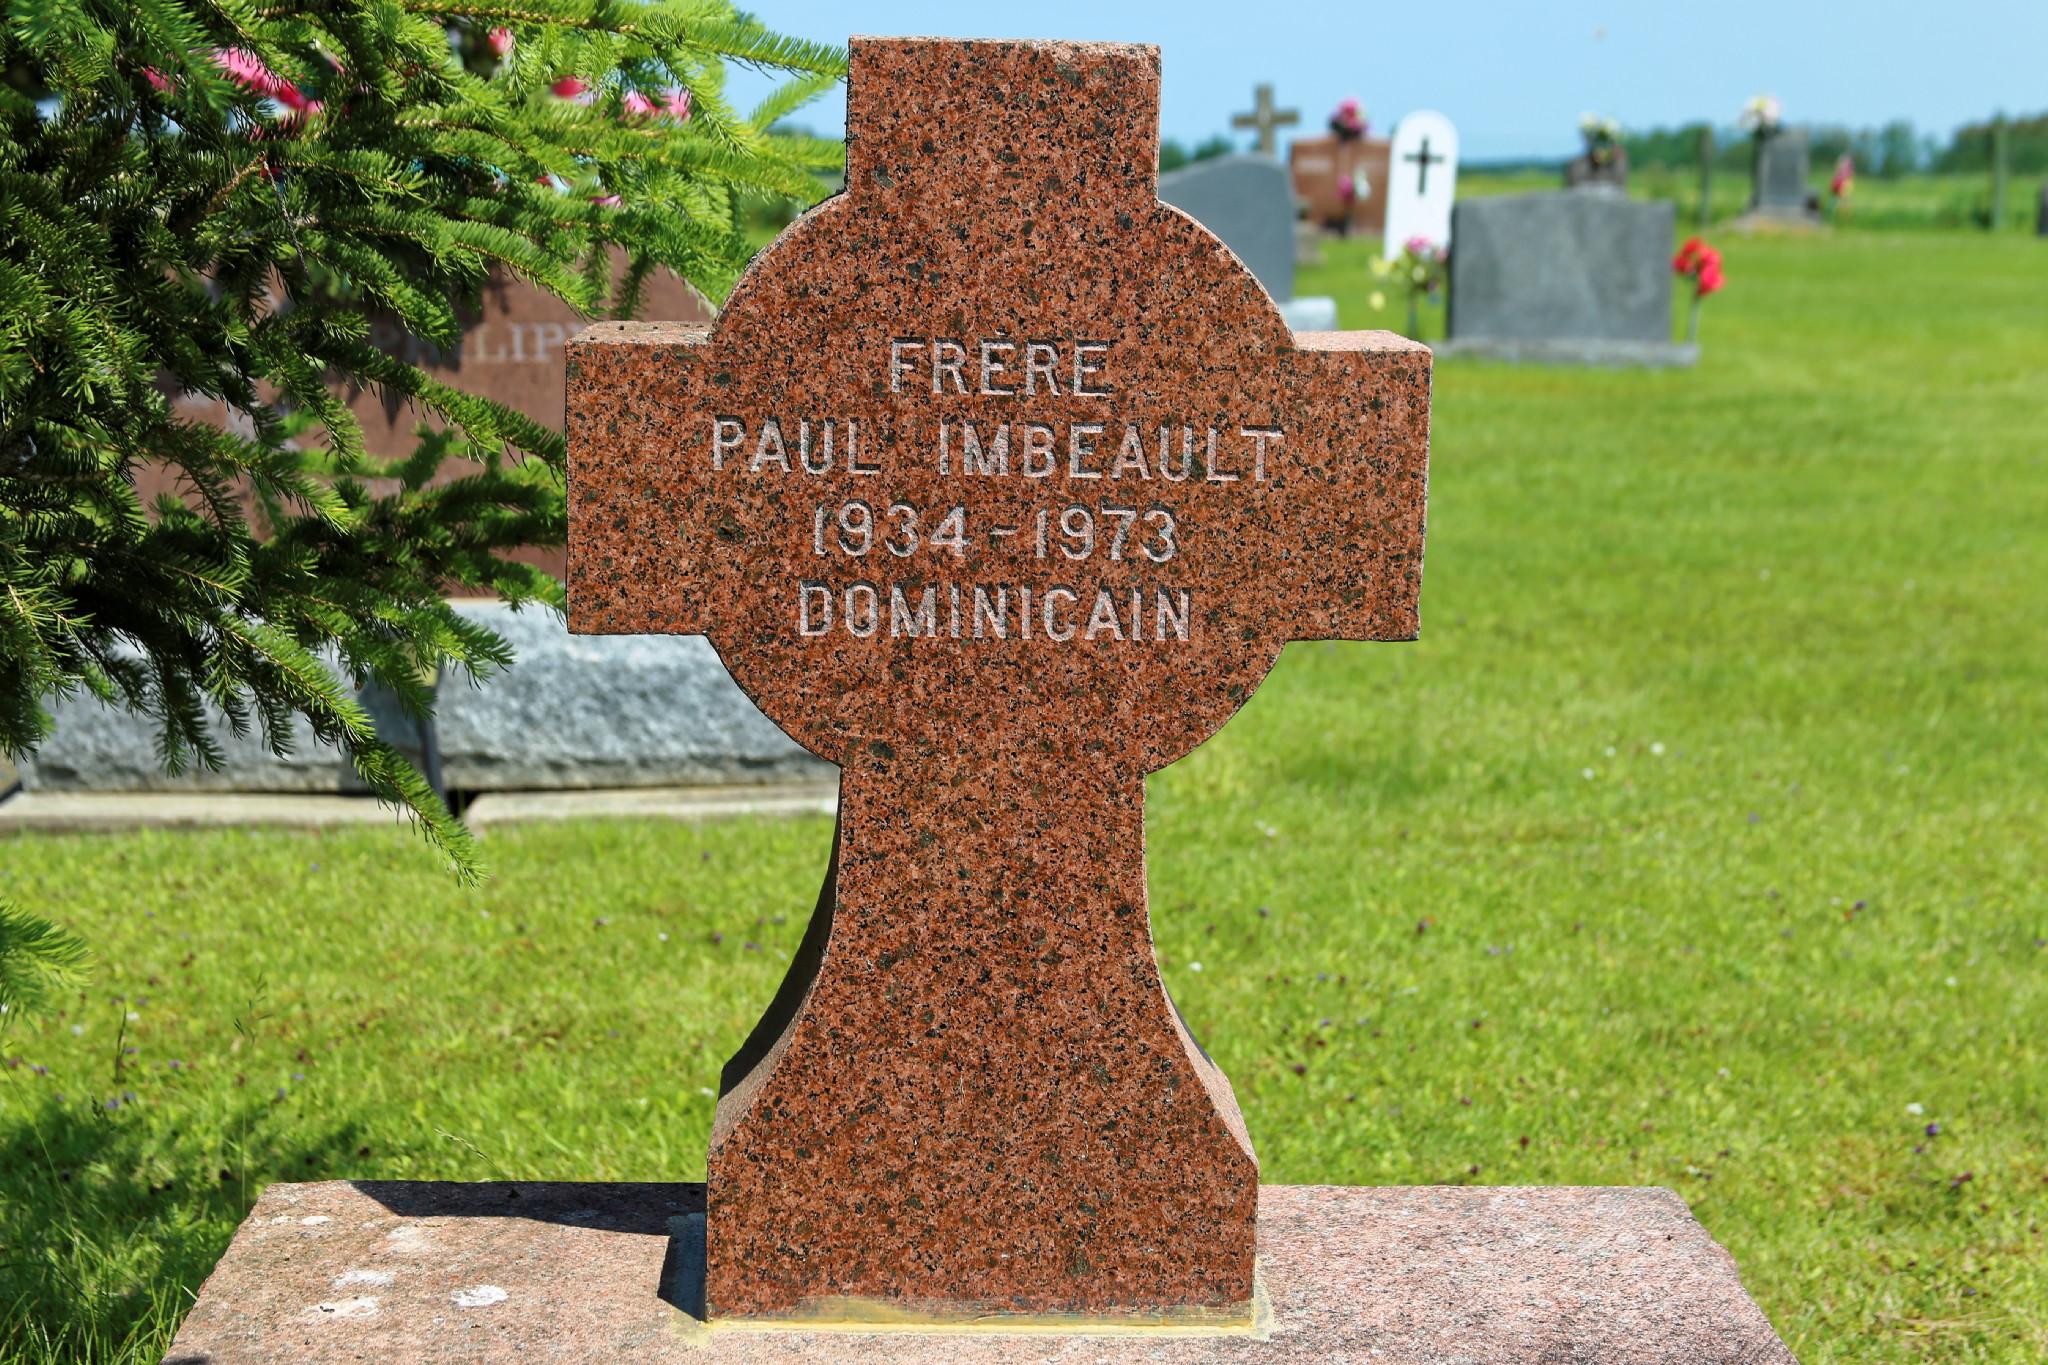 Paul Imbeault